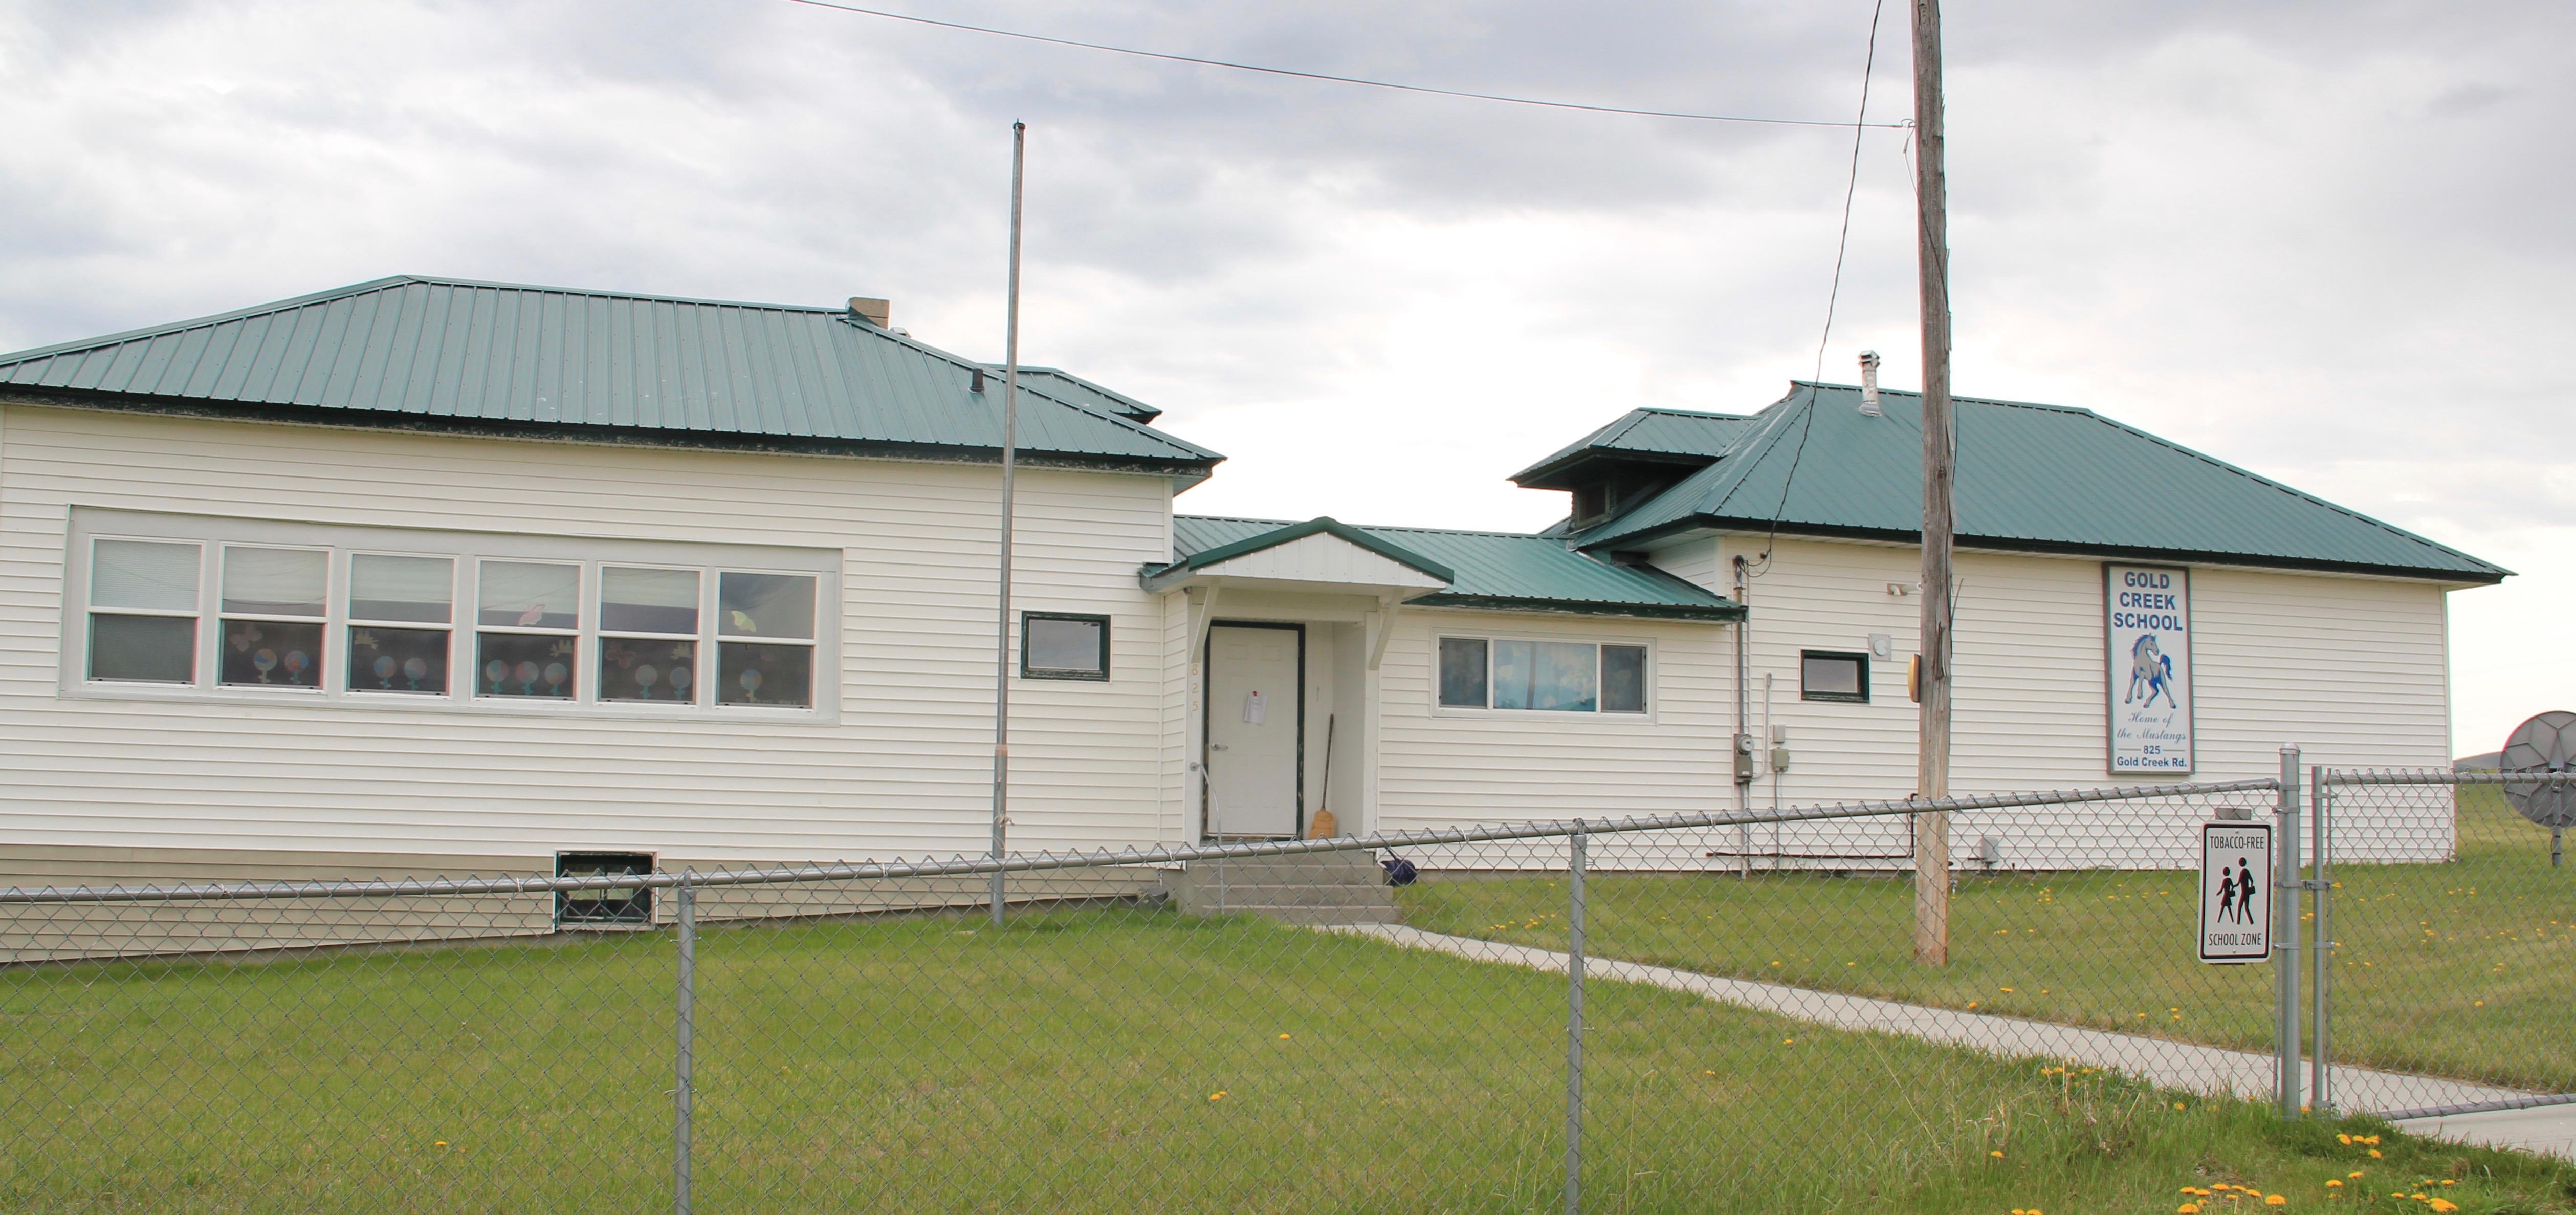 Gold Creek school, Powell Co